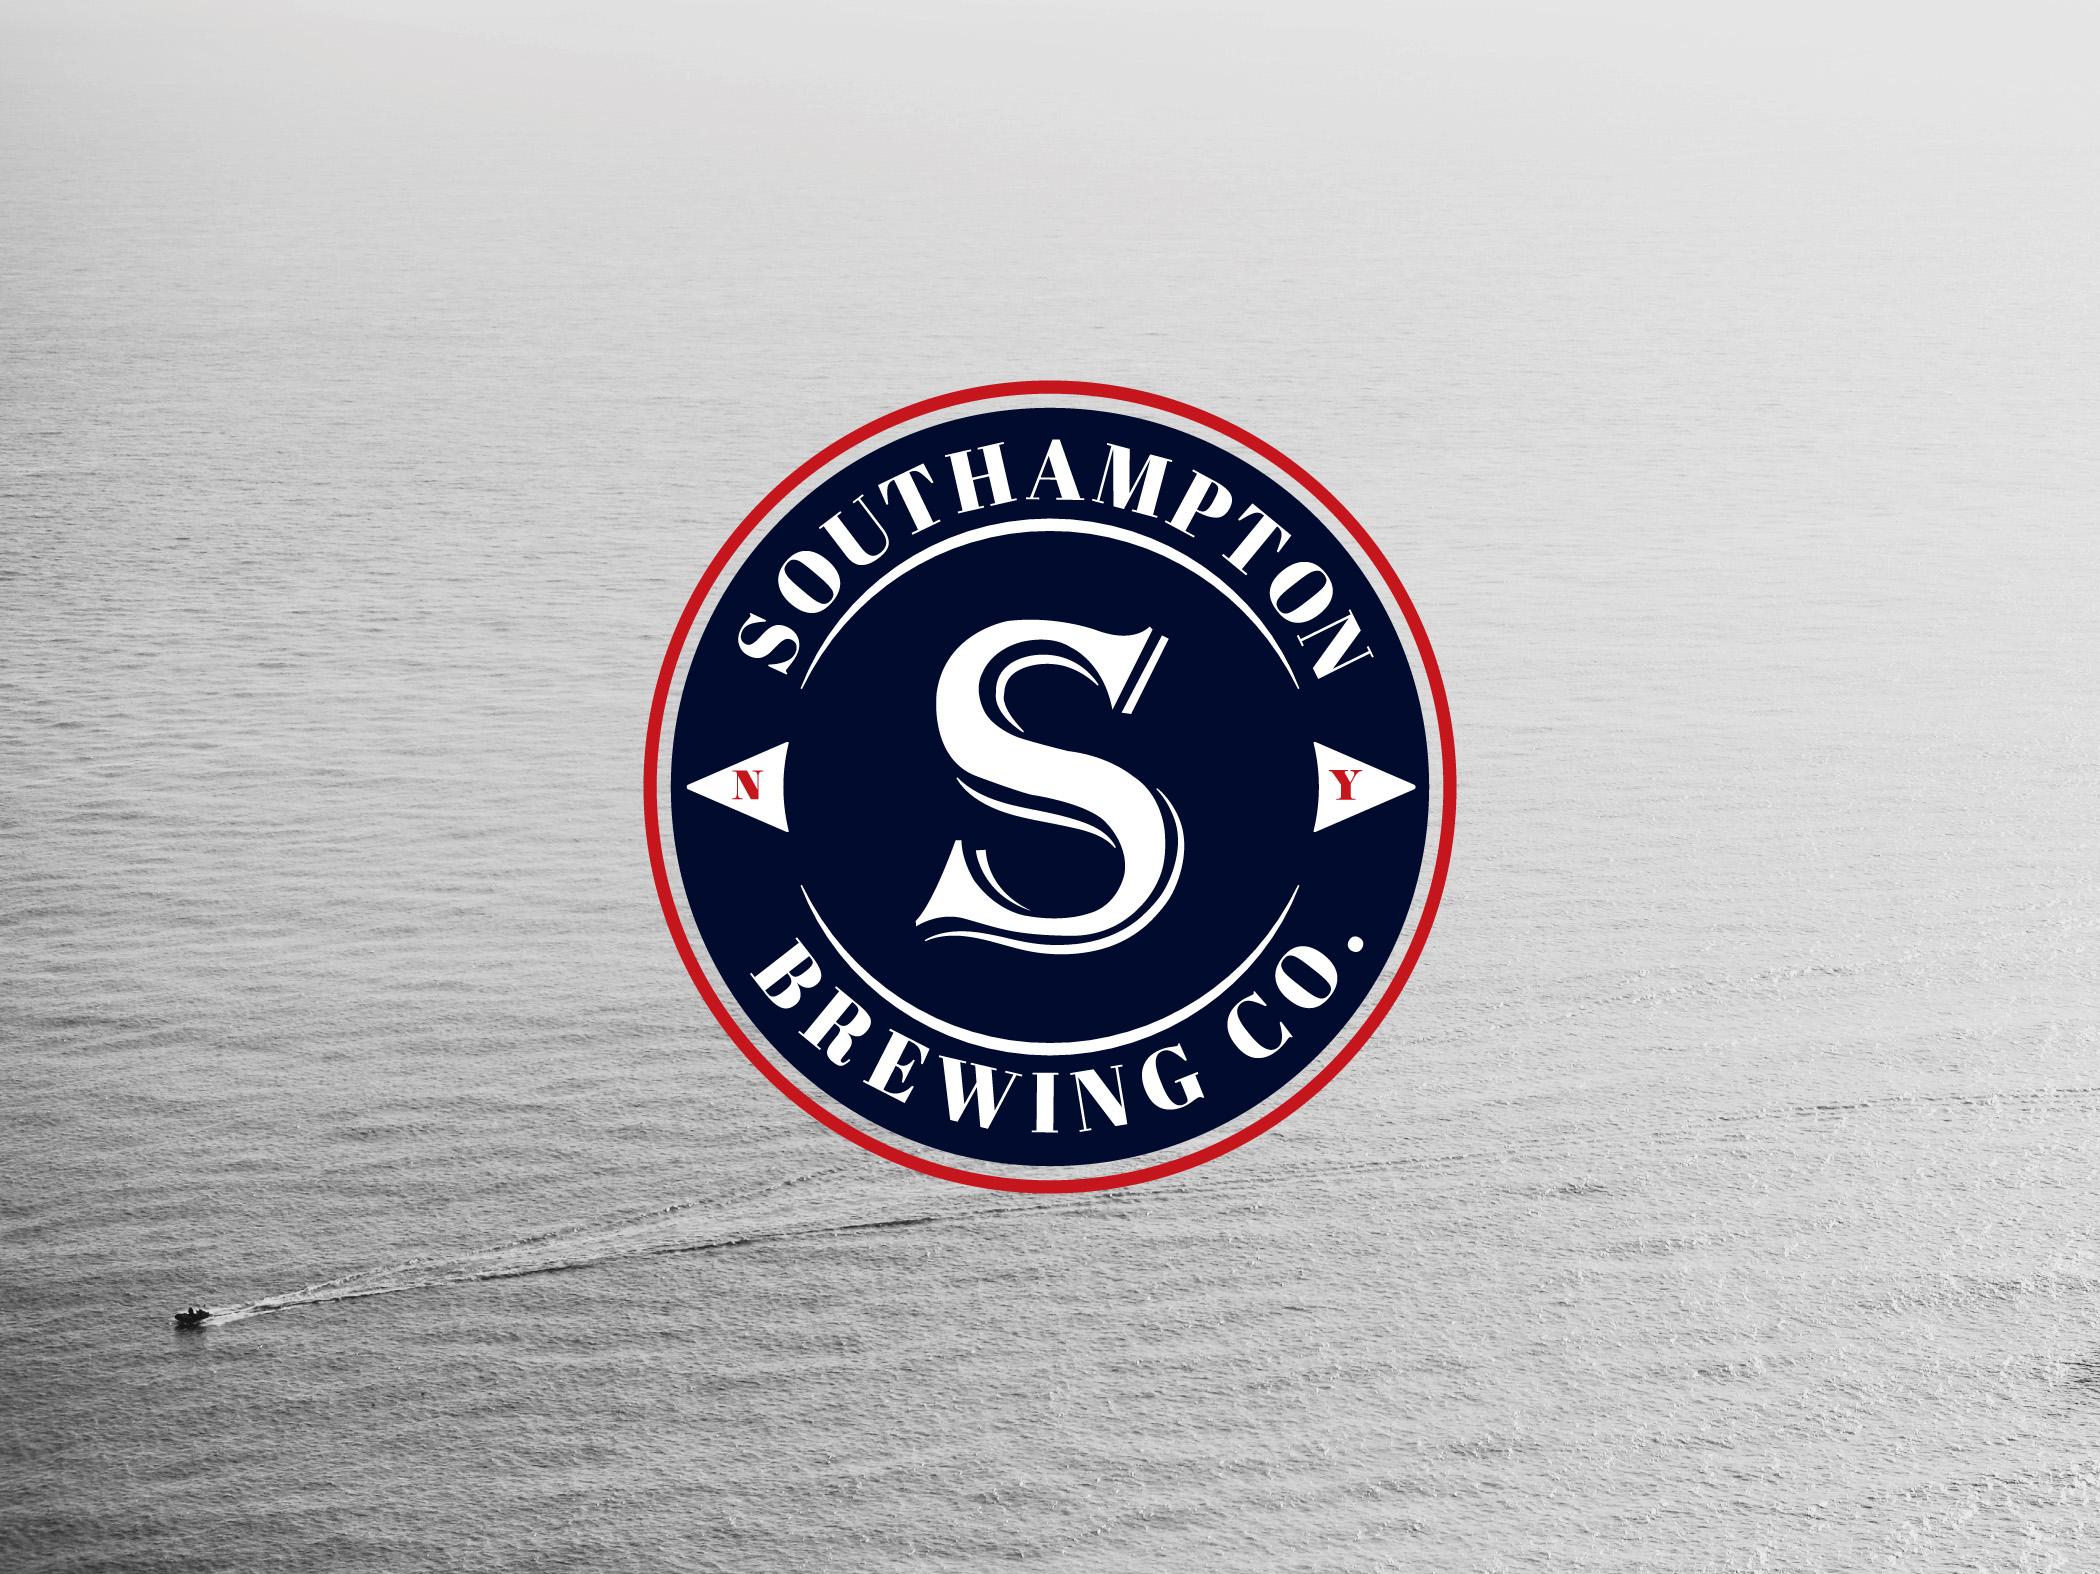 southampton brewing company logo